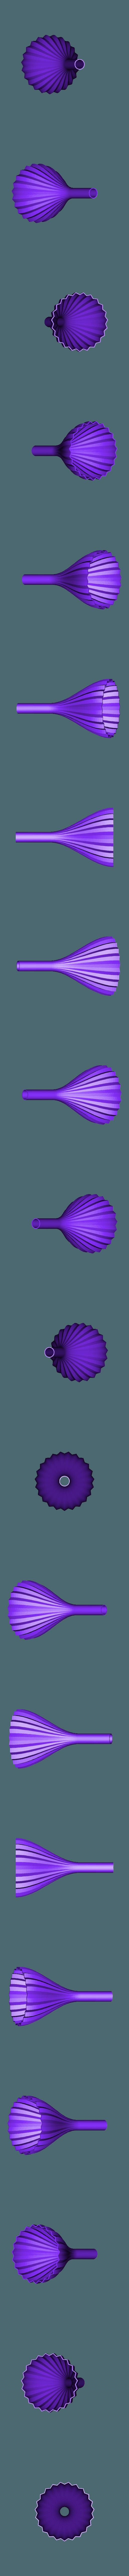 lamp.stl Download free STL file LAMP • 3D printable object, amoudi10